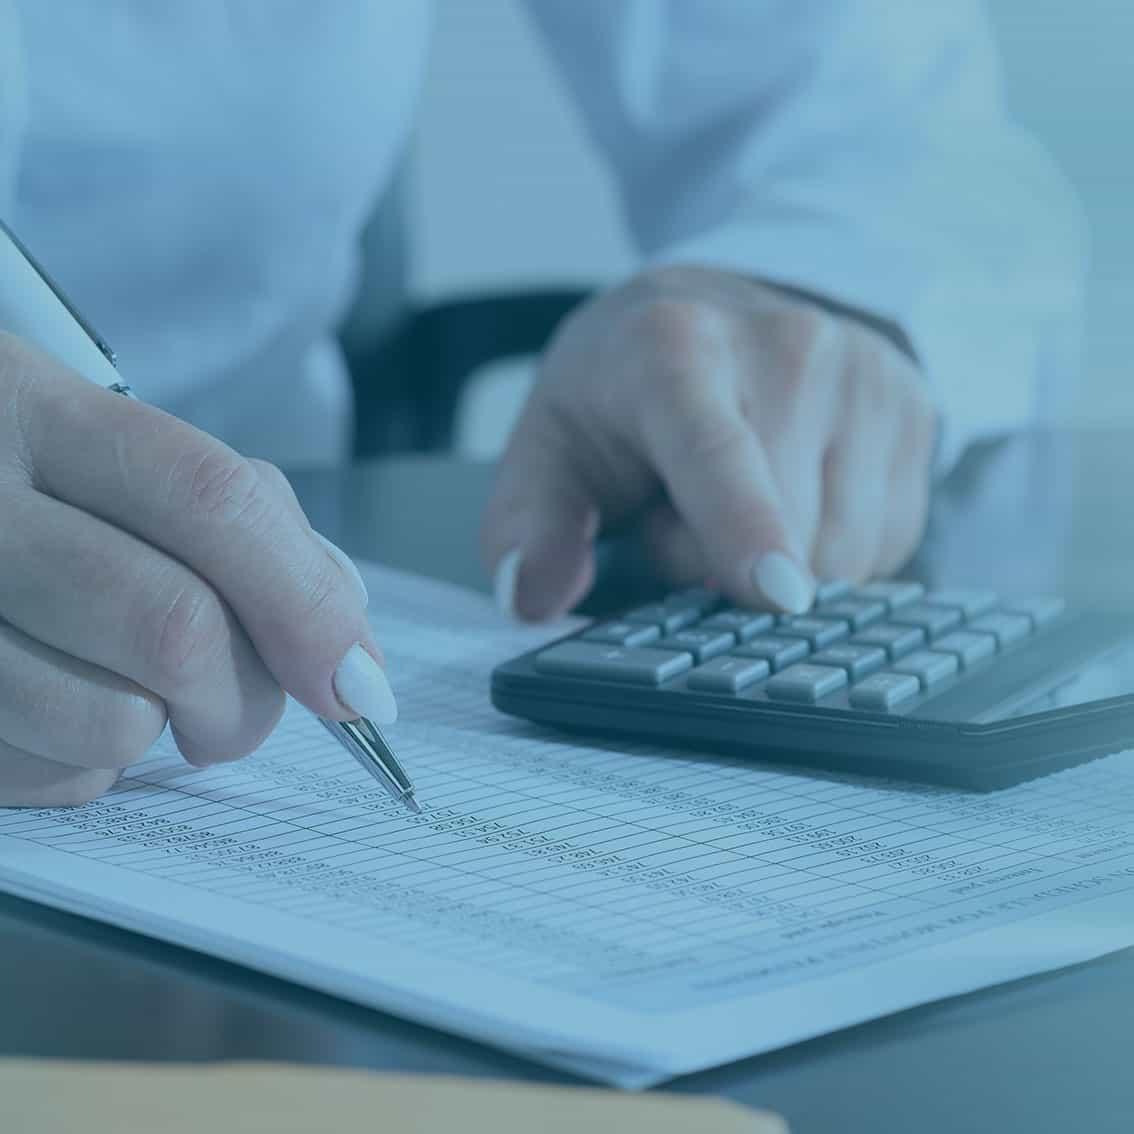 Rechnungskontrollen